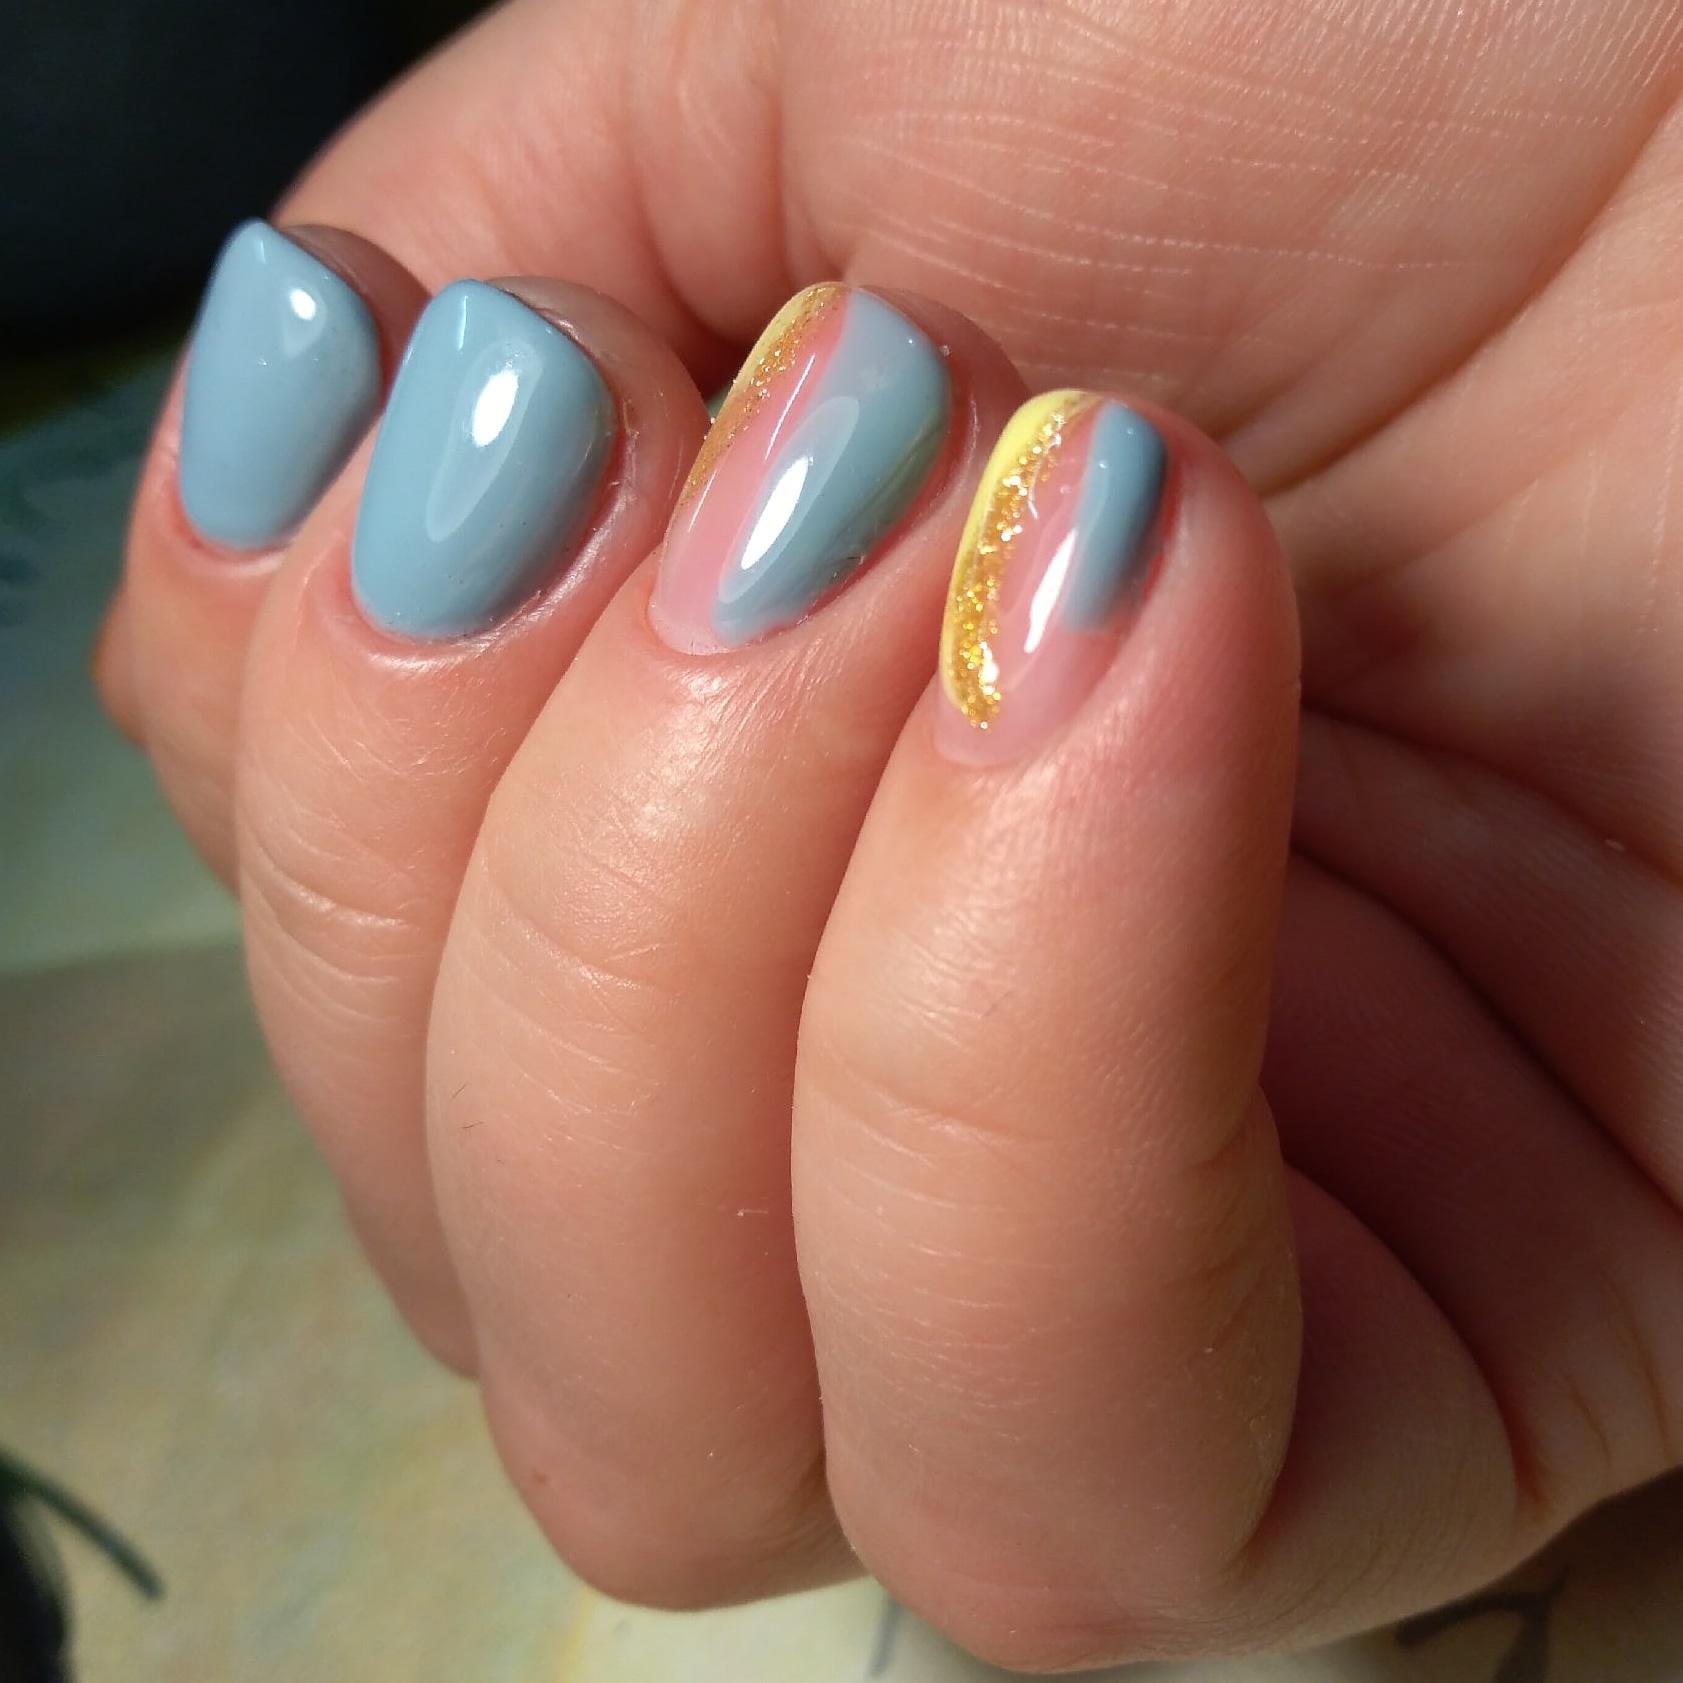 Маникюр с золотыми блестками в пастельных тонах на короткие ногти.